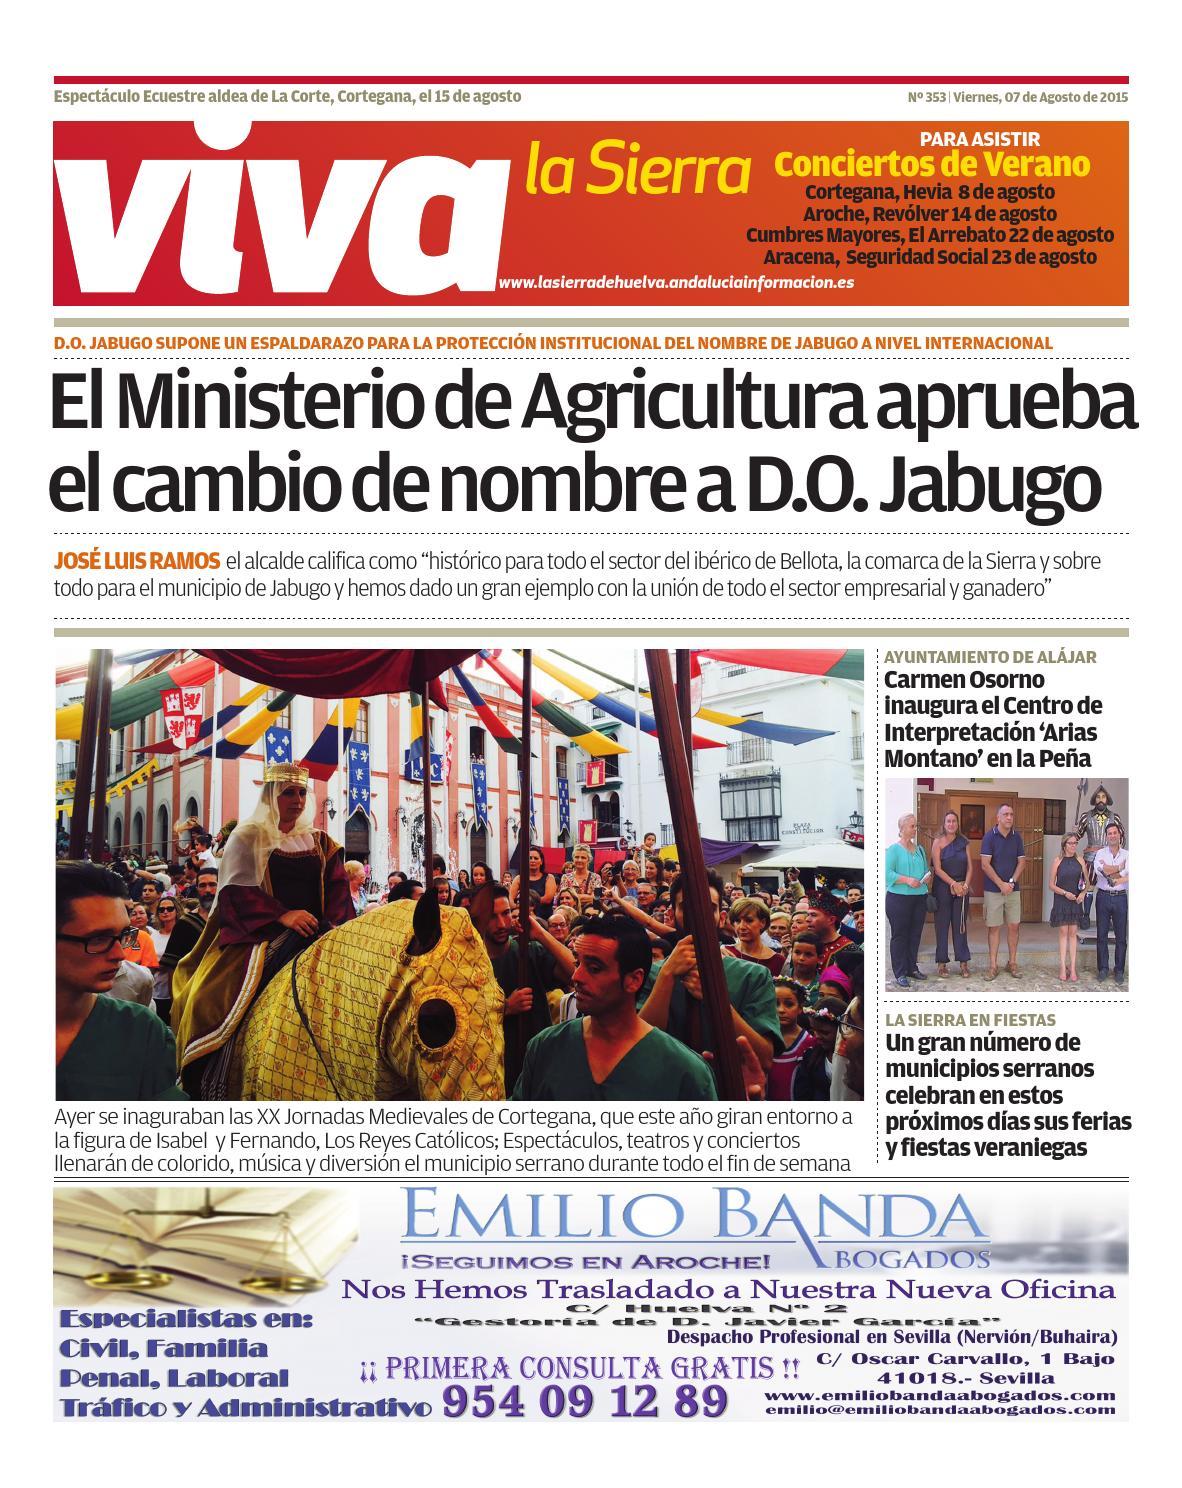 Viva la sierra 07 08 15 by grupo tms media media - issuu